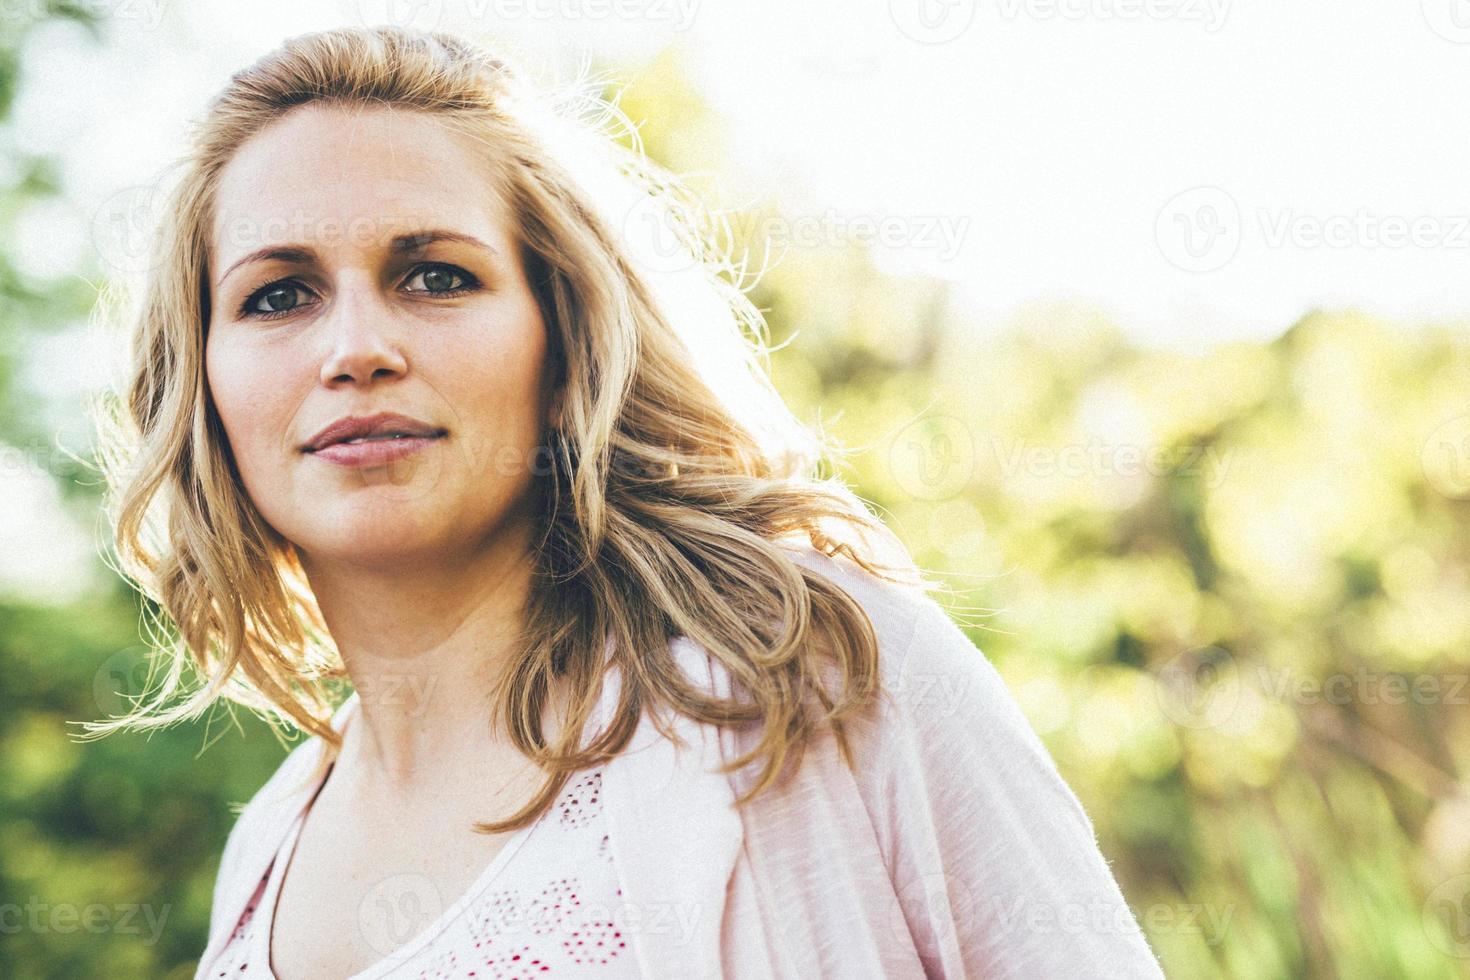 mooie jonge vrouw die lacht buitenshuis tijdens de zomer foto